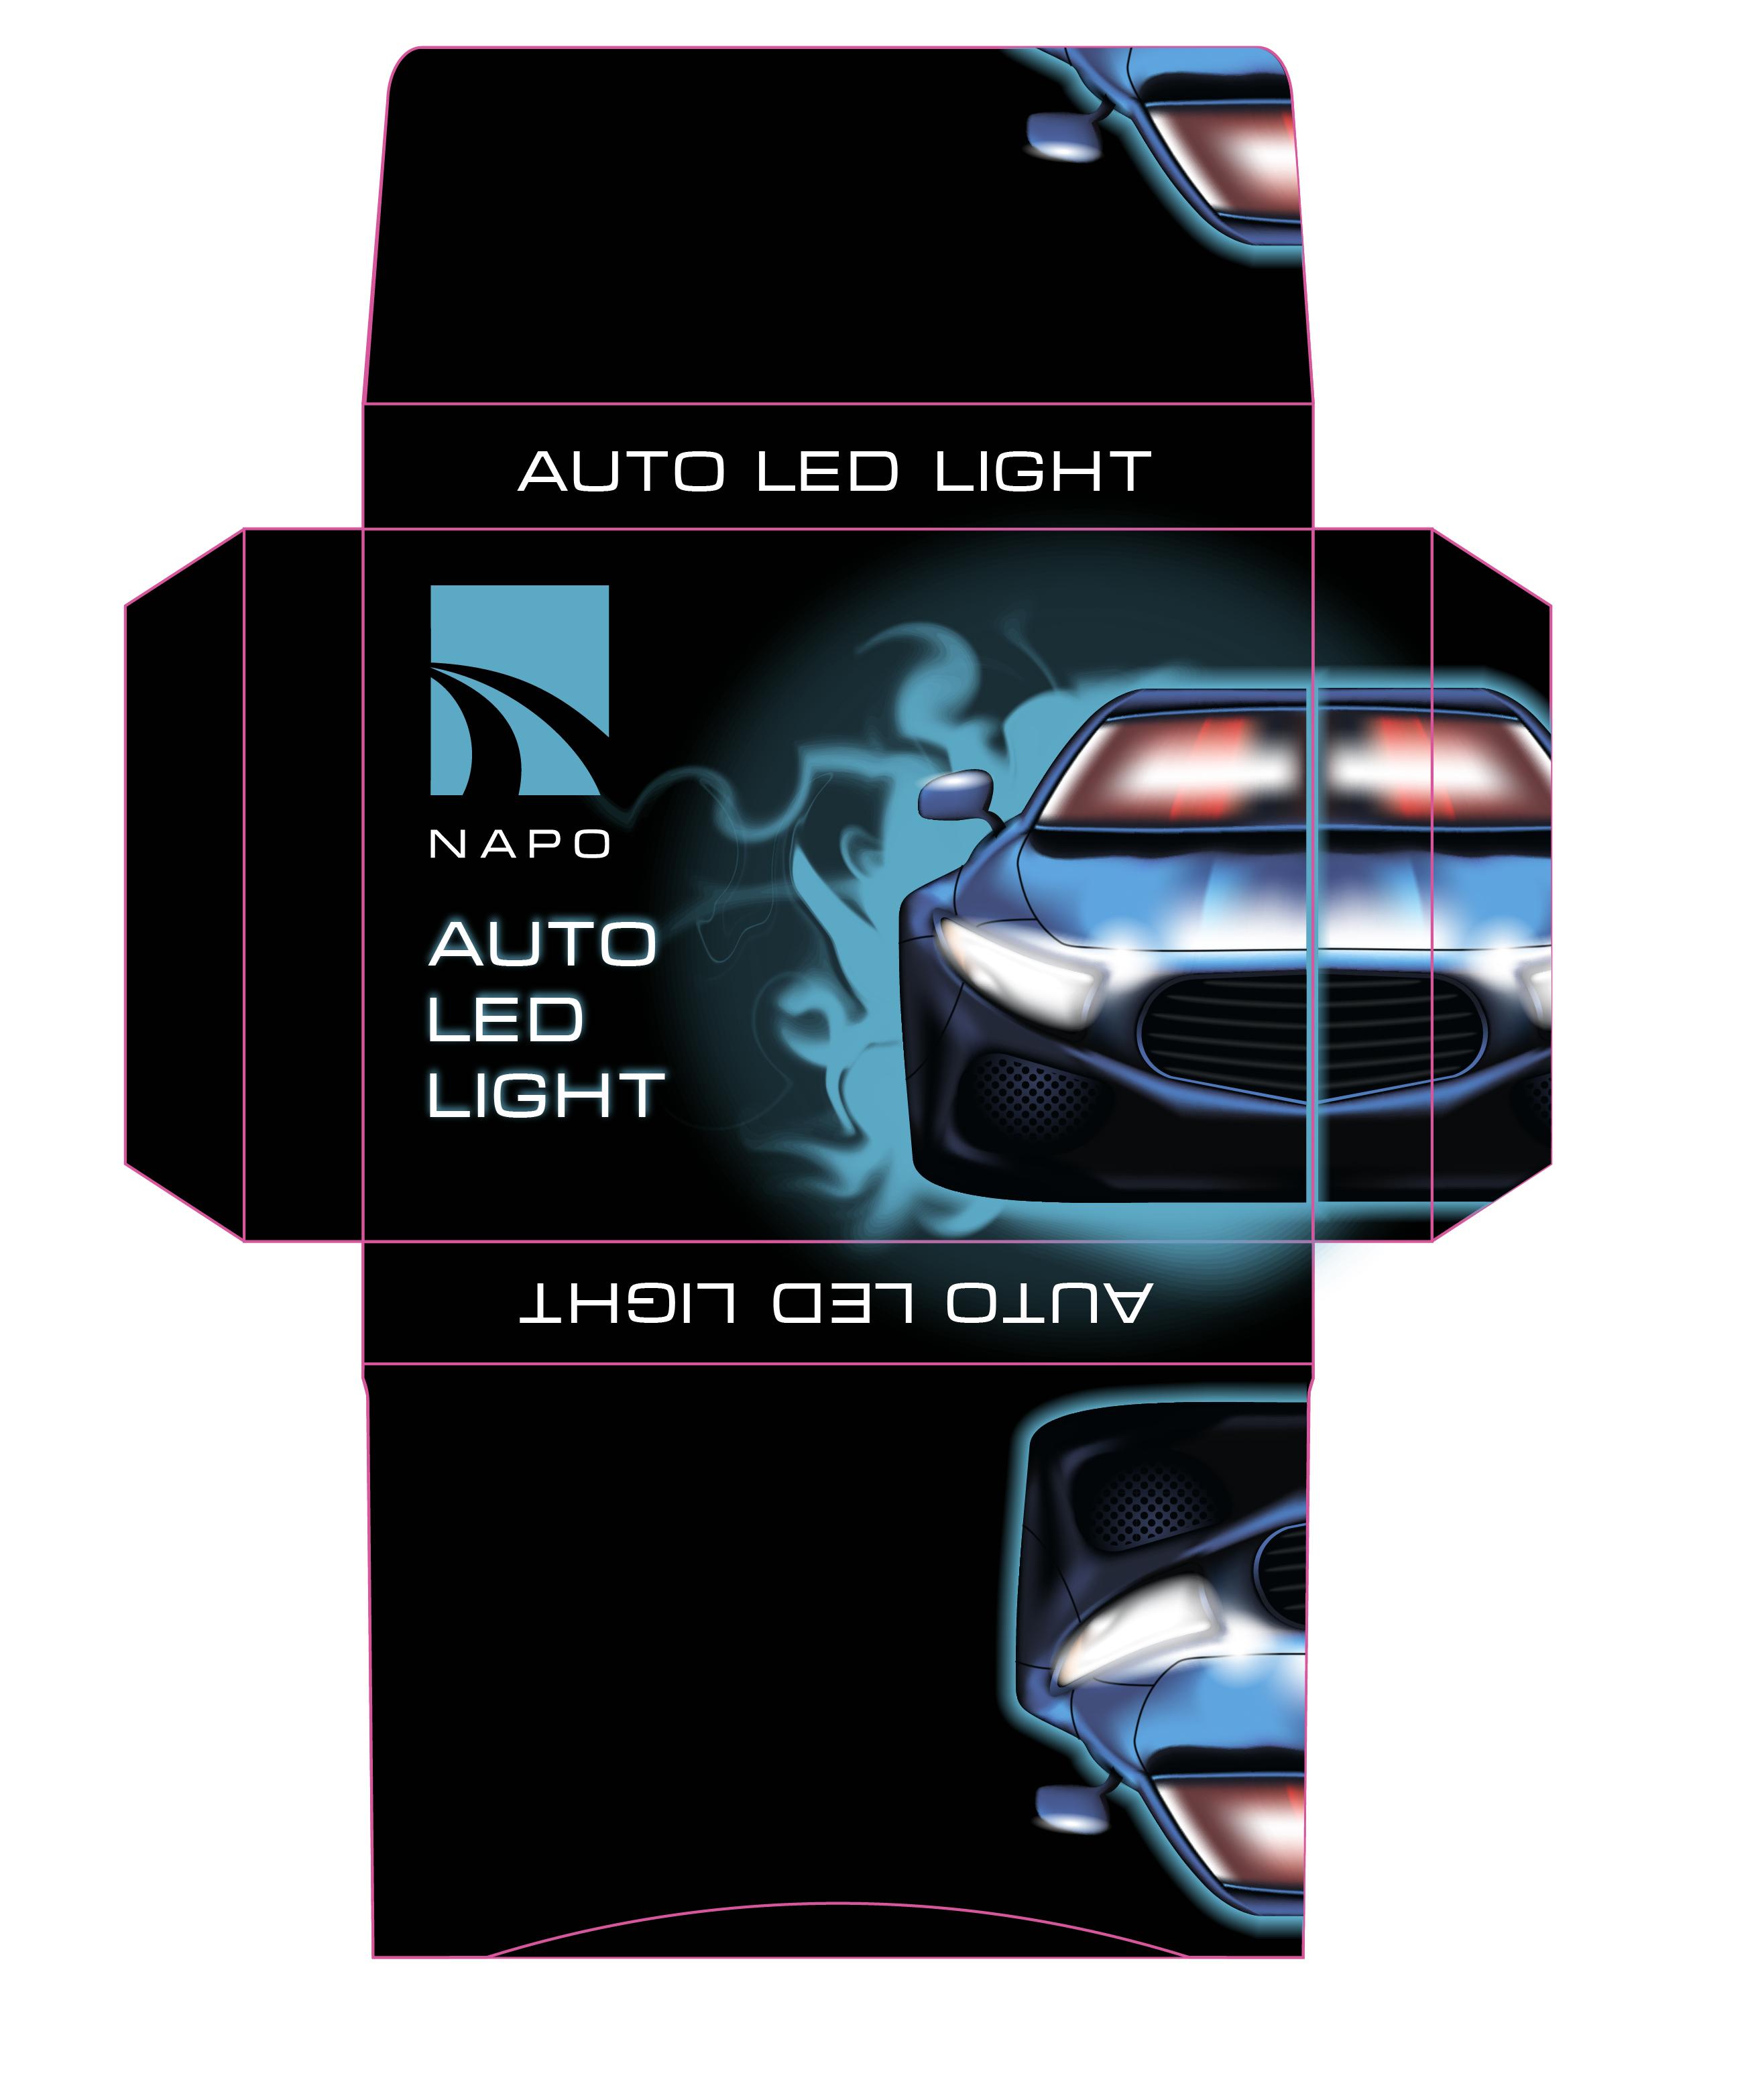 Фото Дизайн упаковки для світодіодних led auto